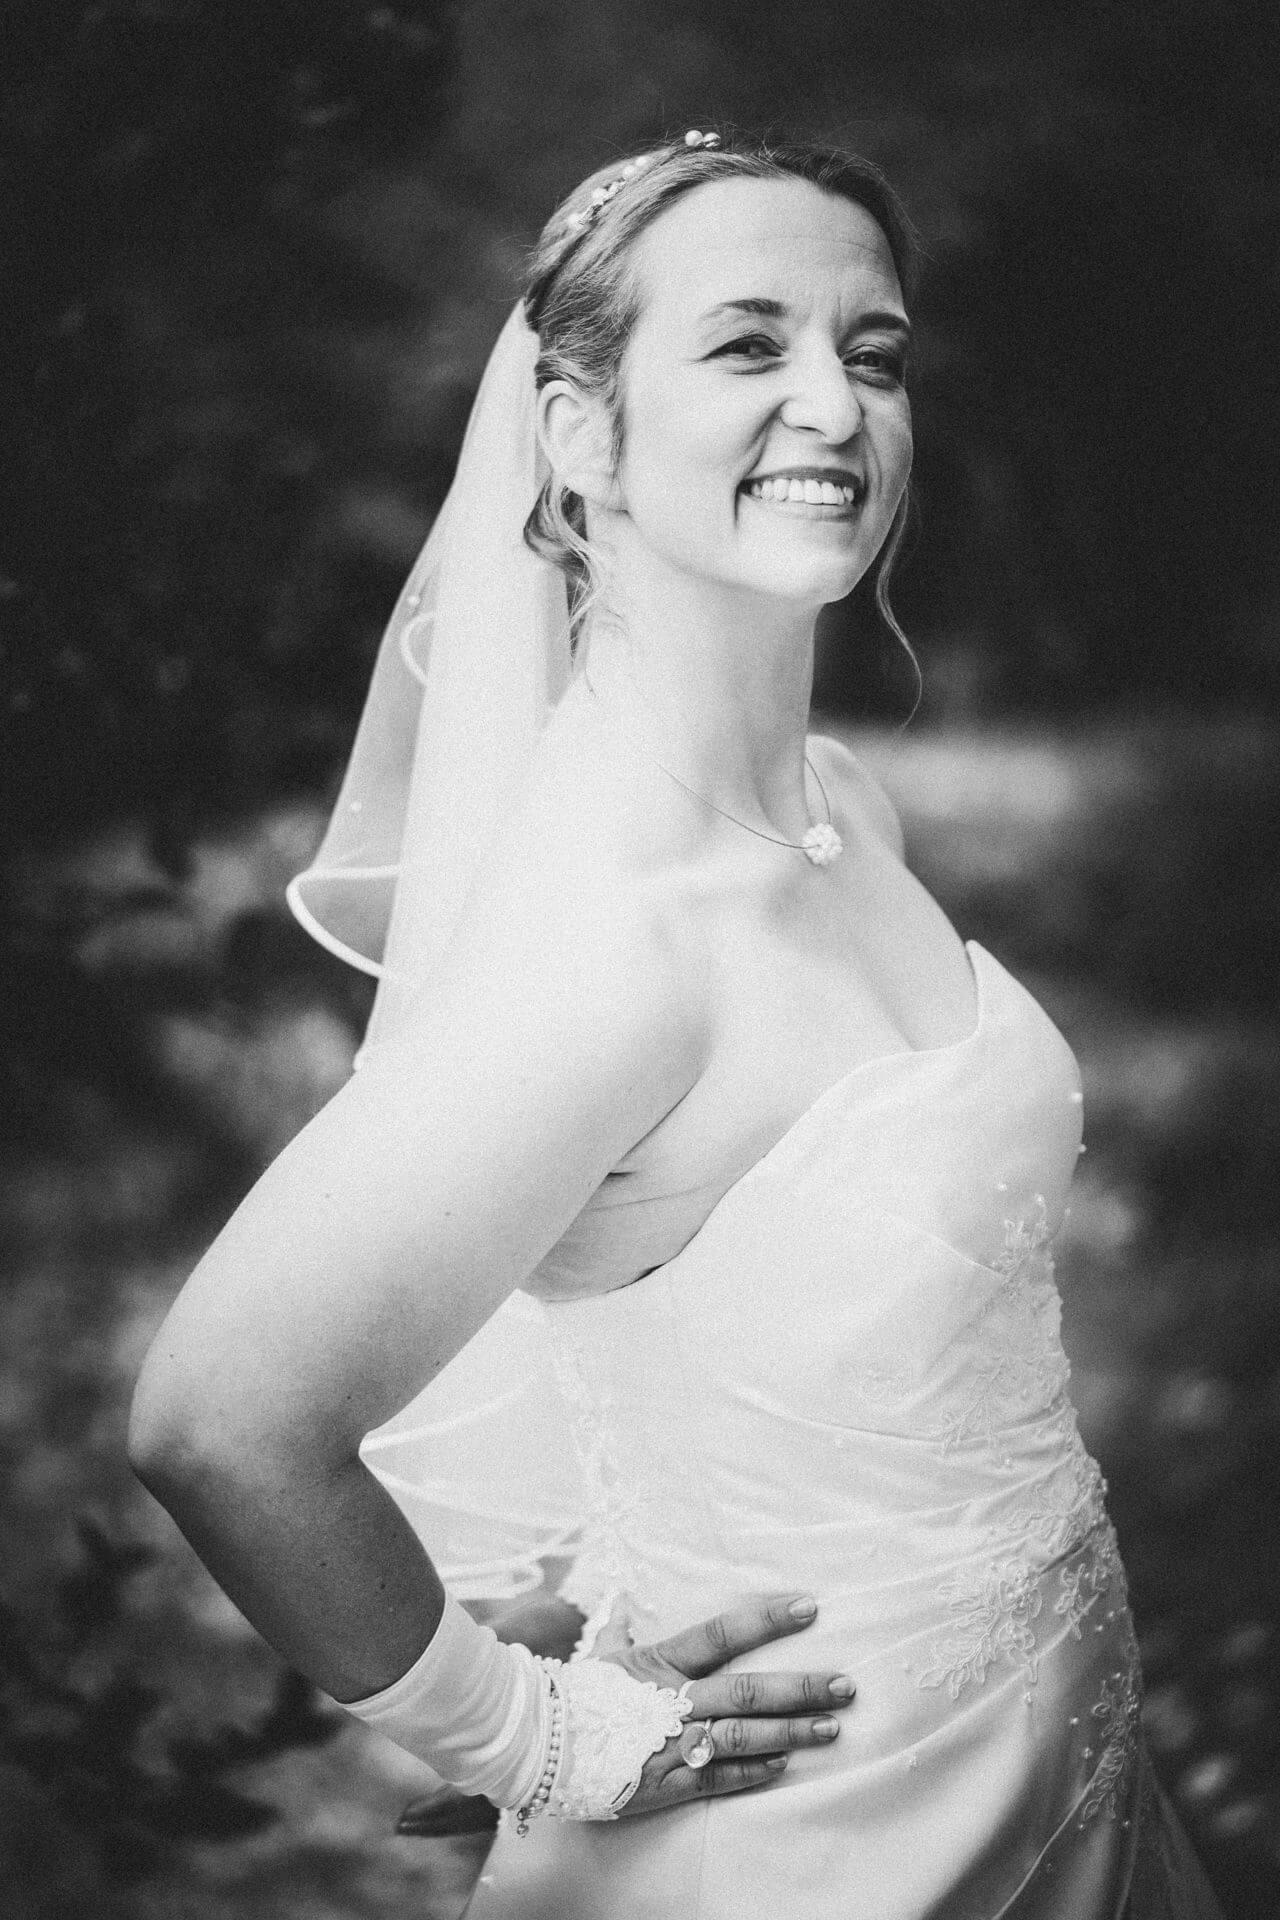 Hochzeitsfotograf Hofgut Friedelhausen - Hochzeitsfotos Schloss Friedelhausen - Elegantes Porträt der Braut